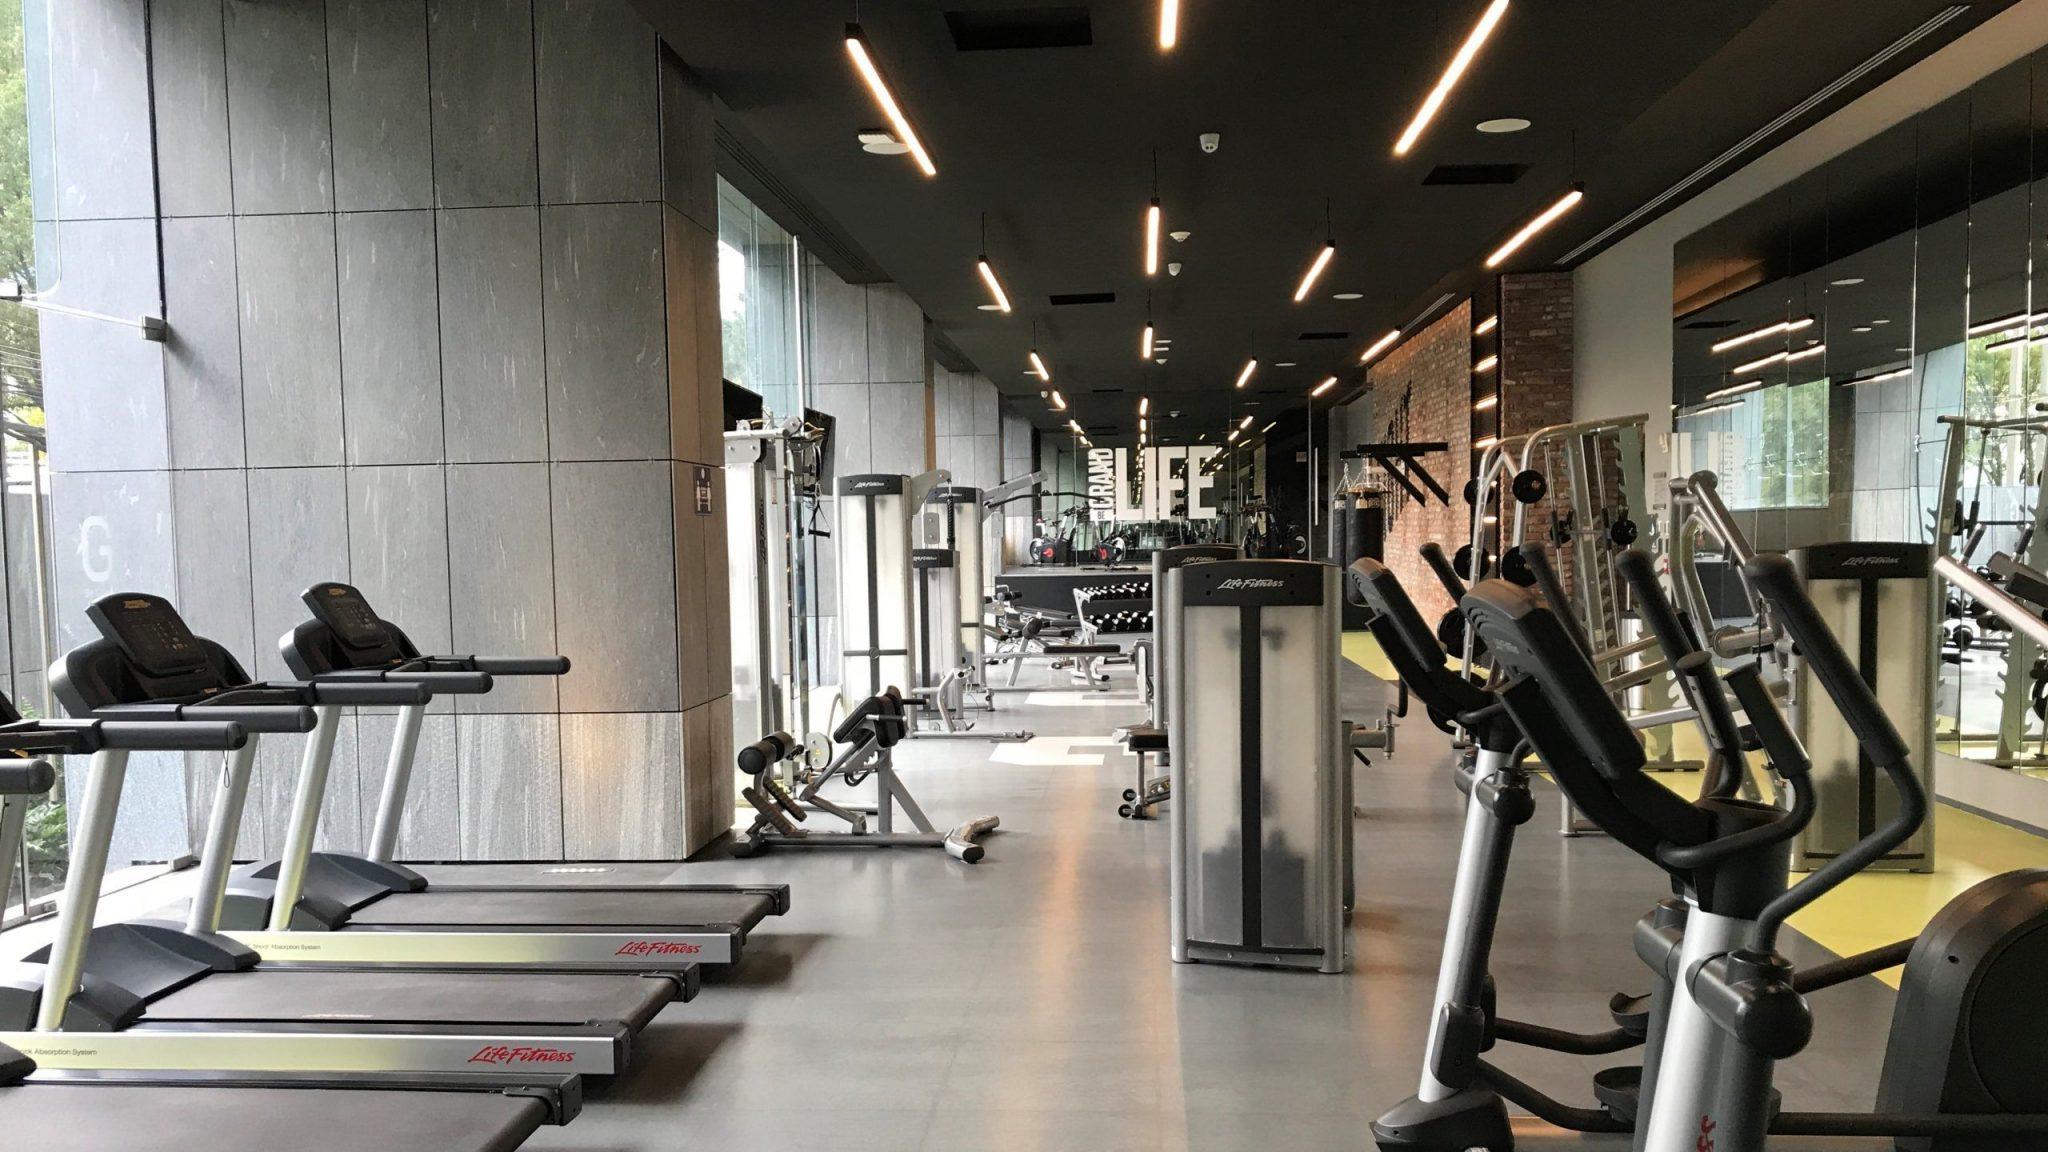 Venta departamento de 3 recámaras en Be Grand Alto Polanco Torre 3, Colonia Granada, Miguel Hidalgo, CDMX. Alberca semi-olimpica